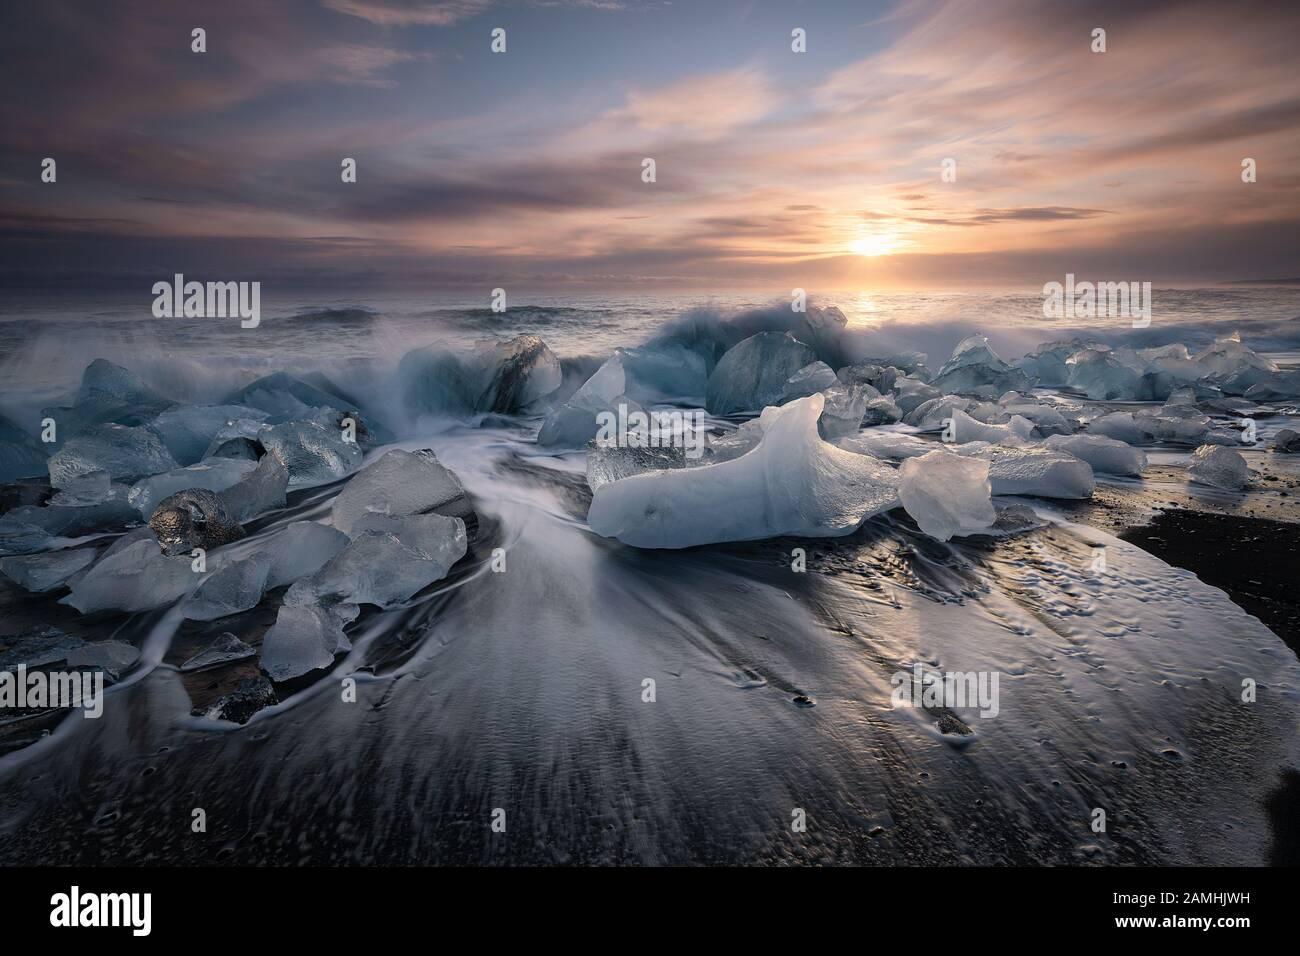 Plage de diamants, blocs de glace dans une plage de sable noir Banque D'Images